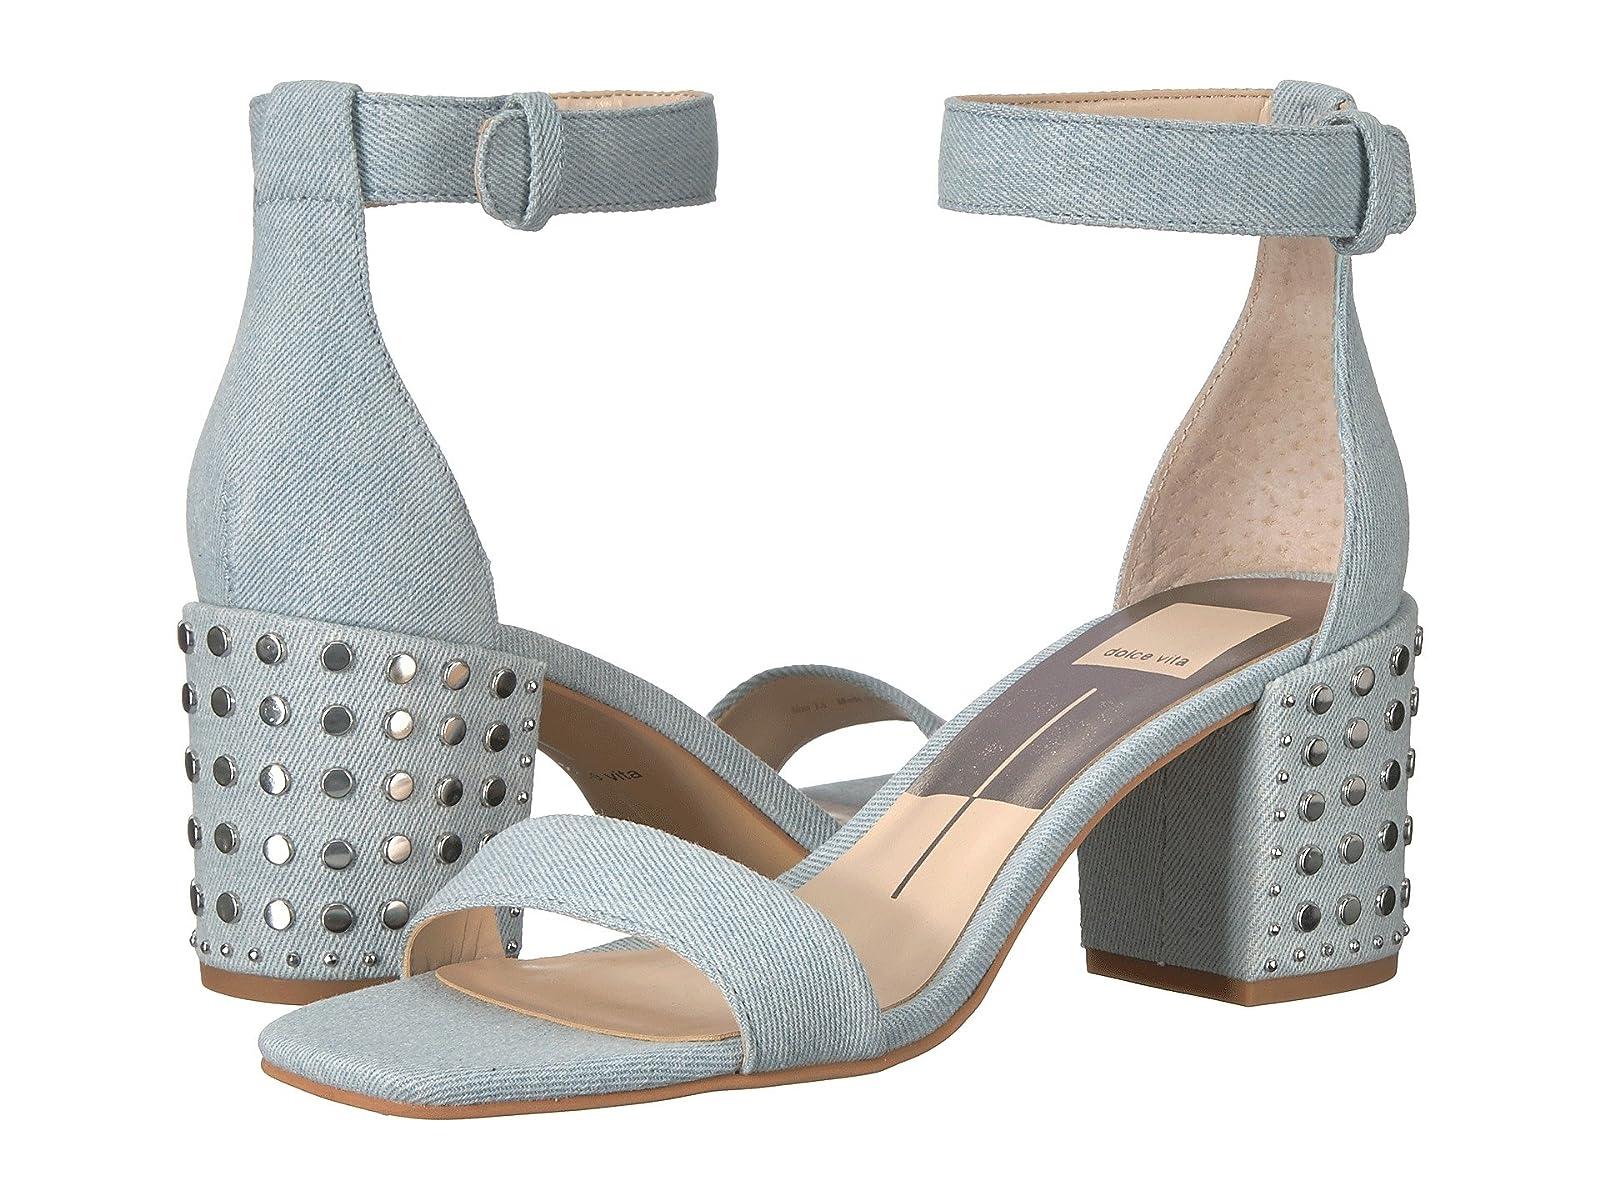 Dolce Vita DorahAtmospheric grades have affordable shoes